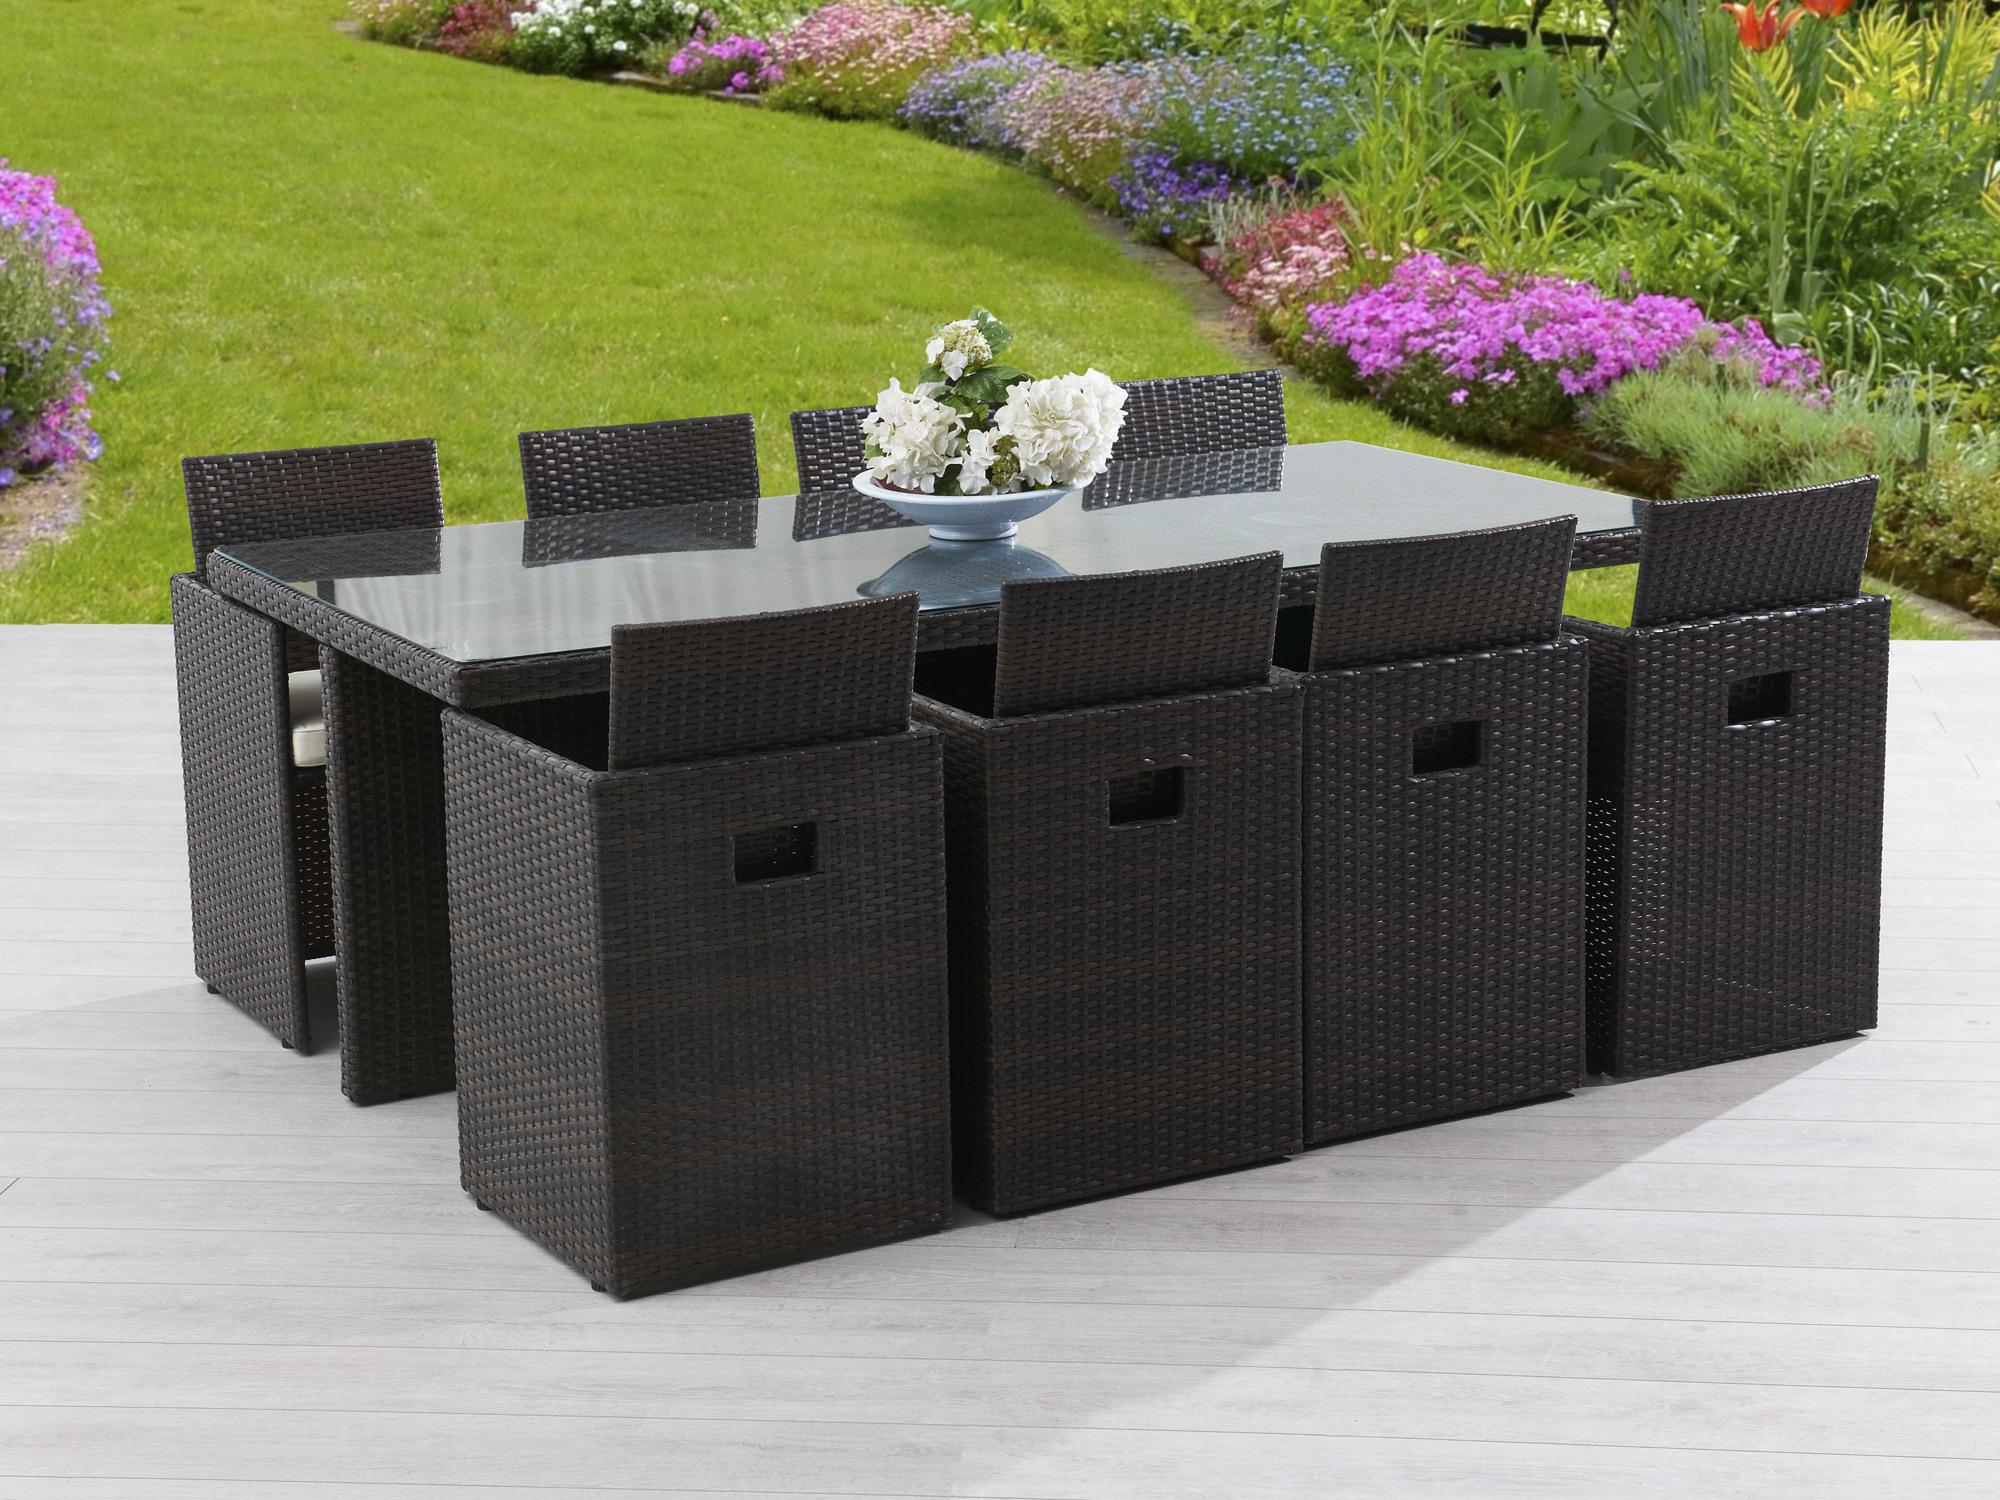 table de jardin 8 personnes en resine